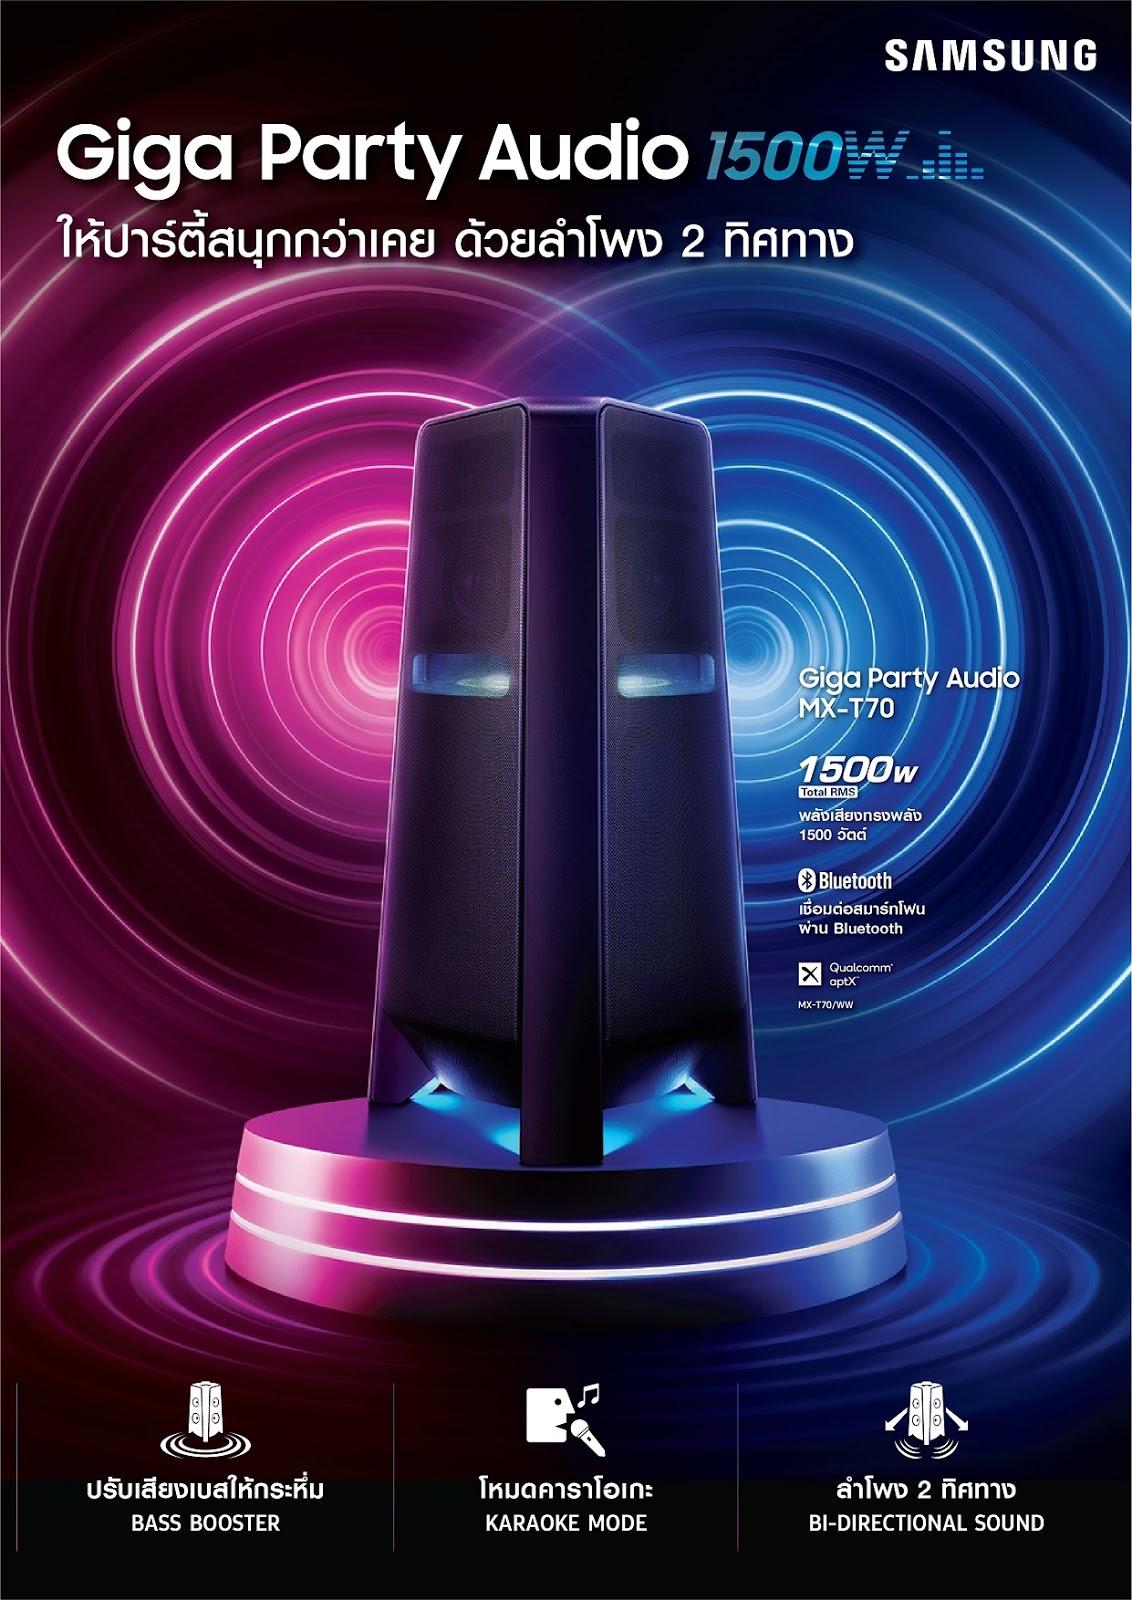 ครั้งแรกของ Samsung! เปิดตัว Giga Party Audio ส่งพลังเสียงกระหึ่มเต็มพิกัดตอบรับวงการโฮมเอนเตอร์เทนเมนต์ระดับพรีเมียม